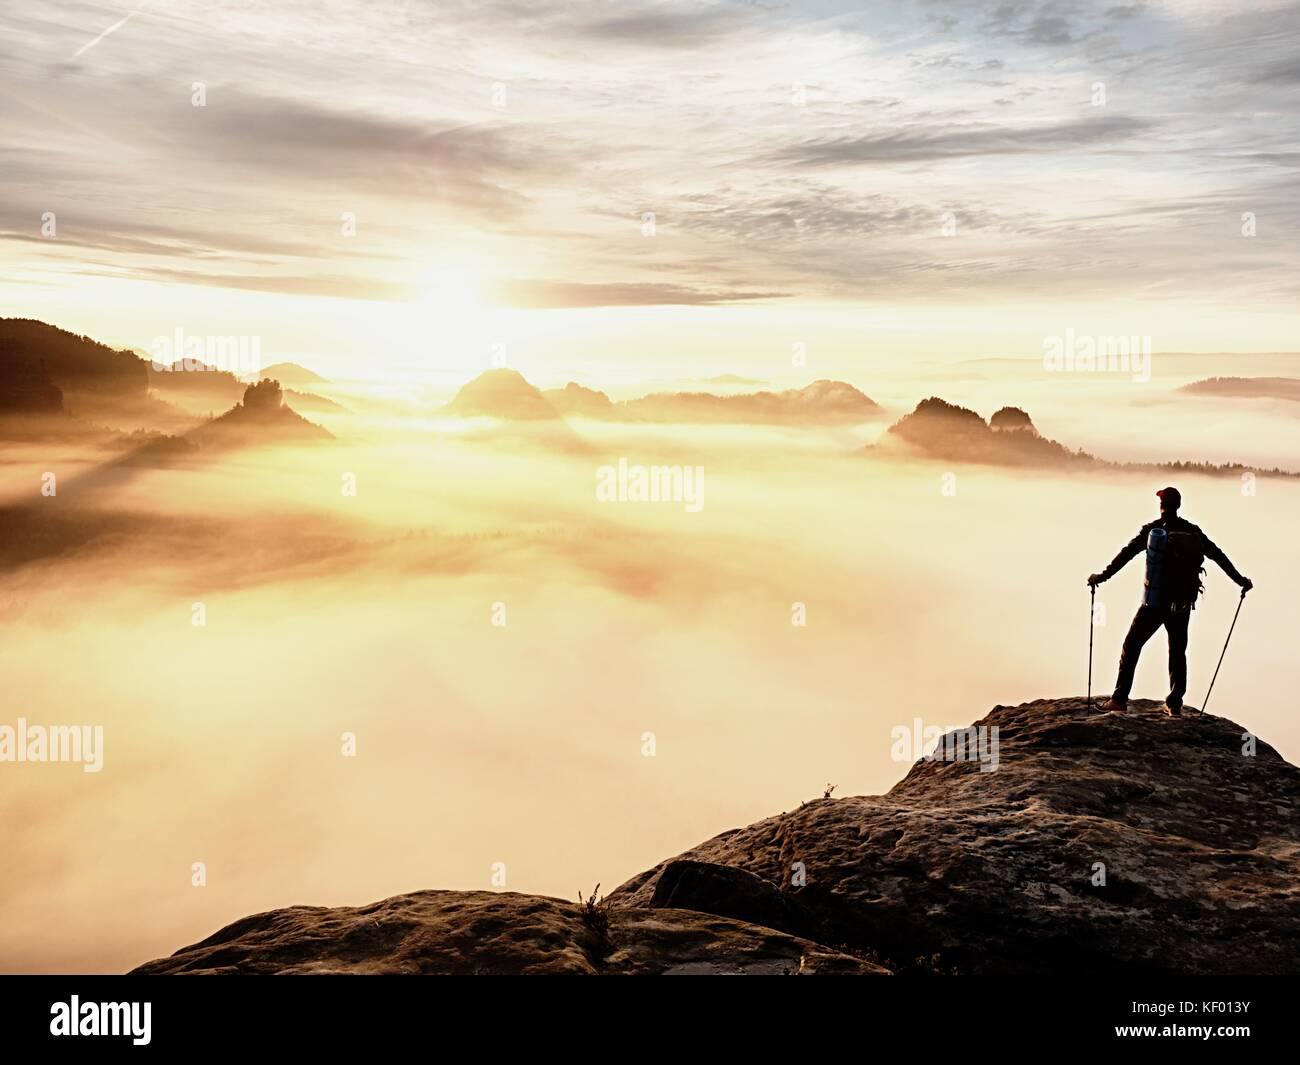 Mann Silhouette mit Stöcken in der Hand. sonnigen Frühling Tagesanbruch und Reiseführer Aufenthalt Stockbild